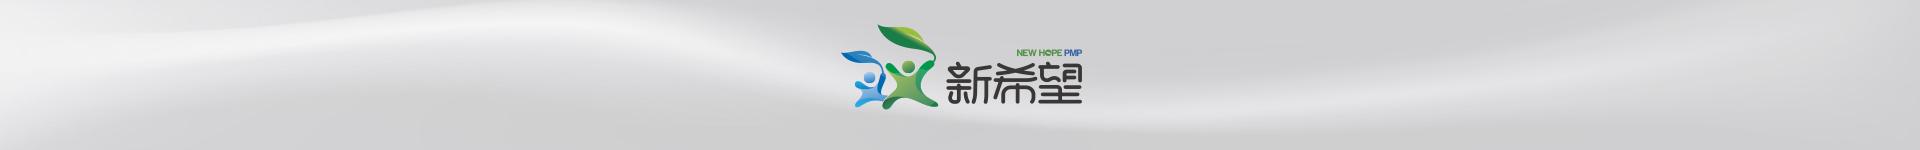 广东新希望城市害虫防治有限公司